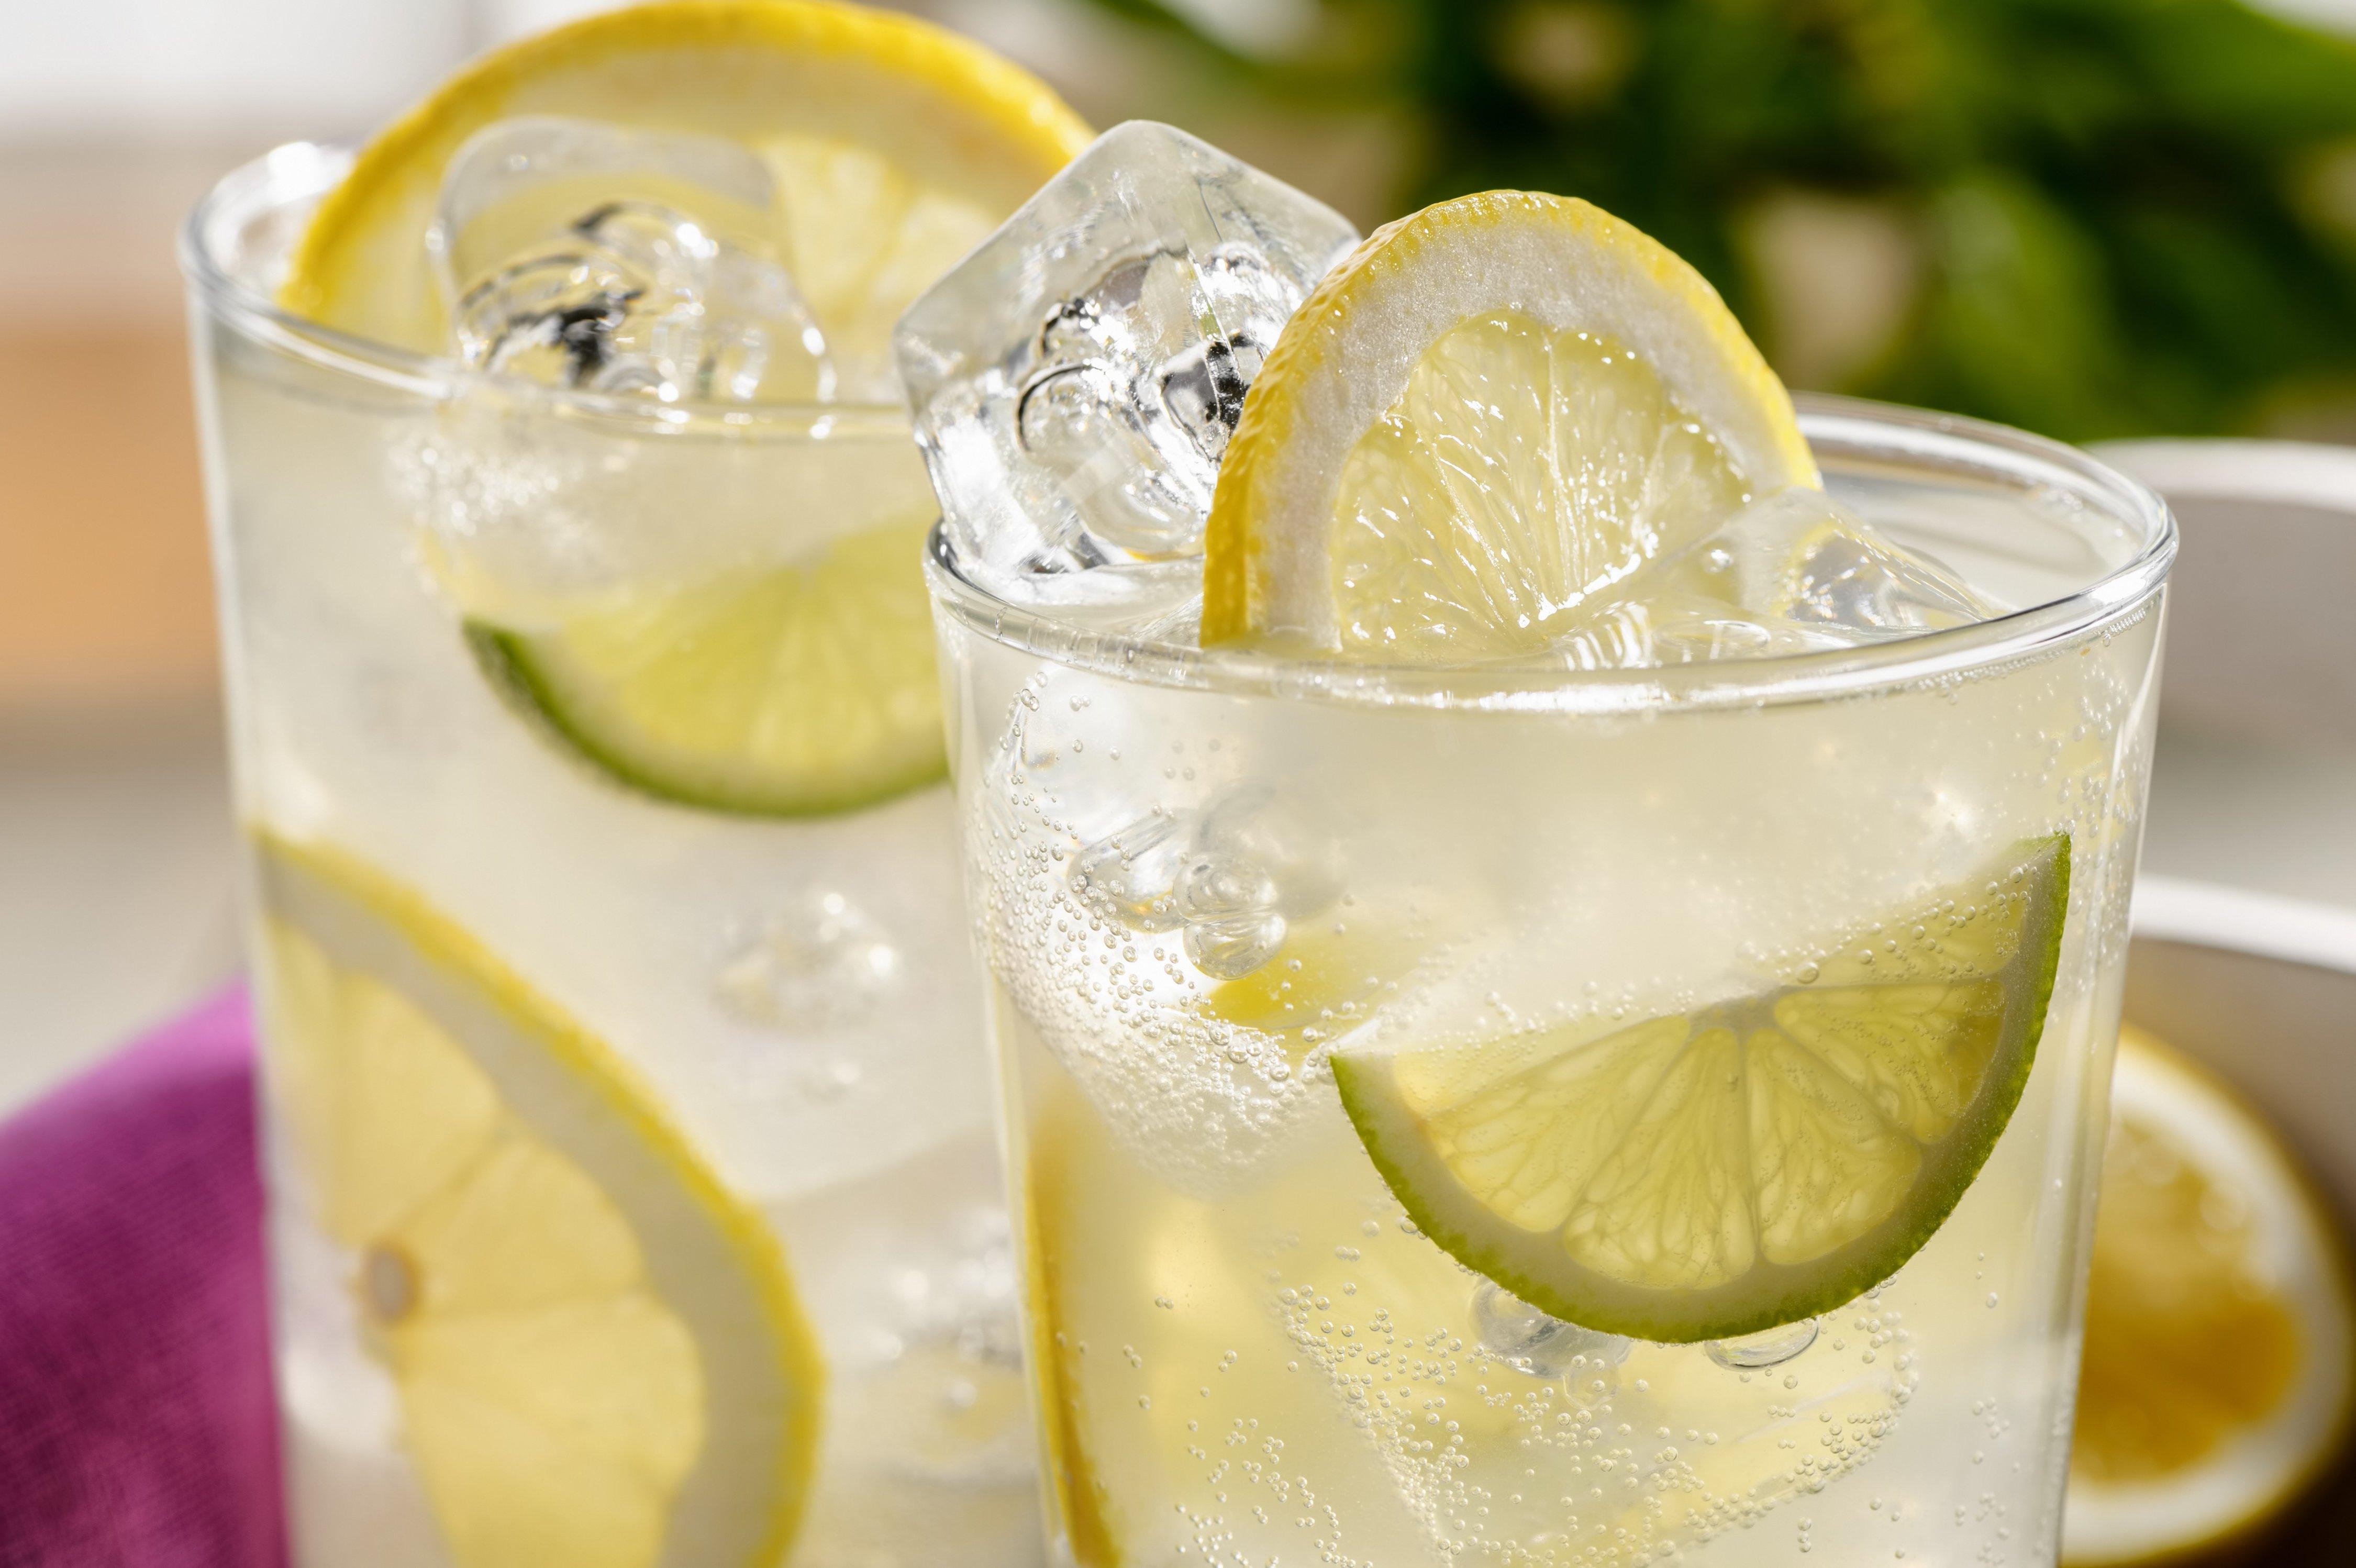 лимонад фото хороший зачем бросать, полезно